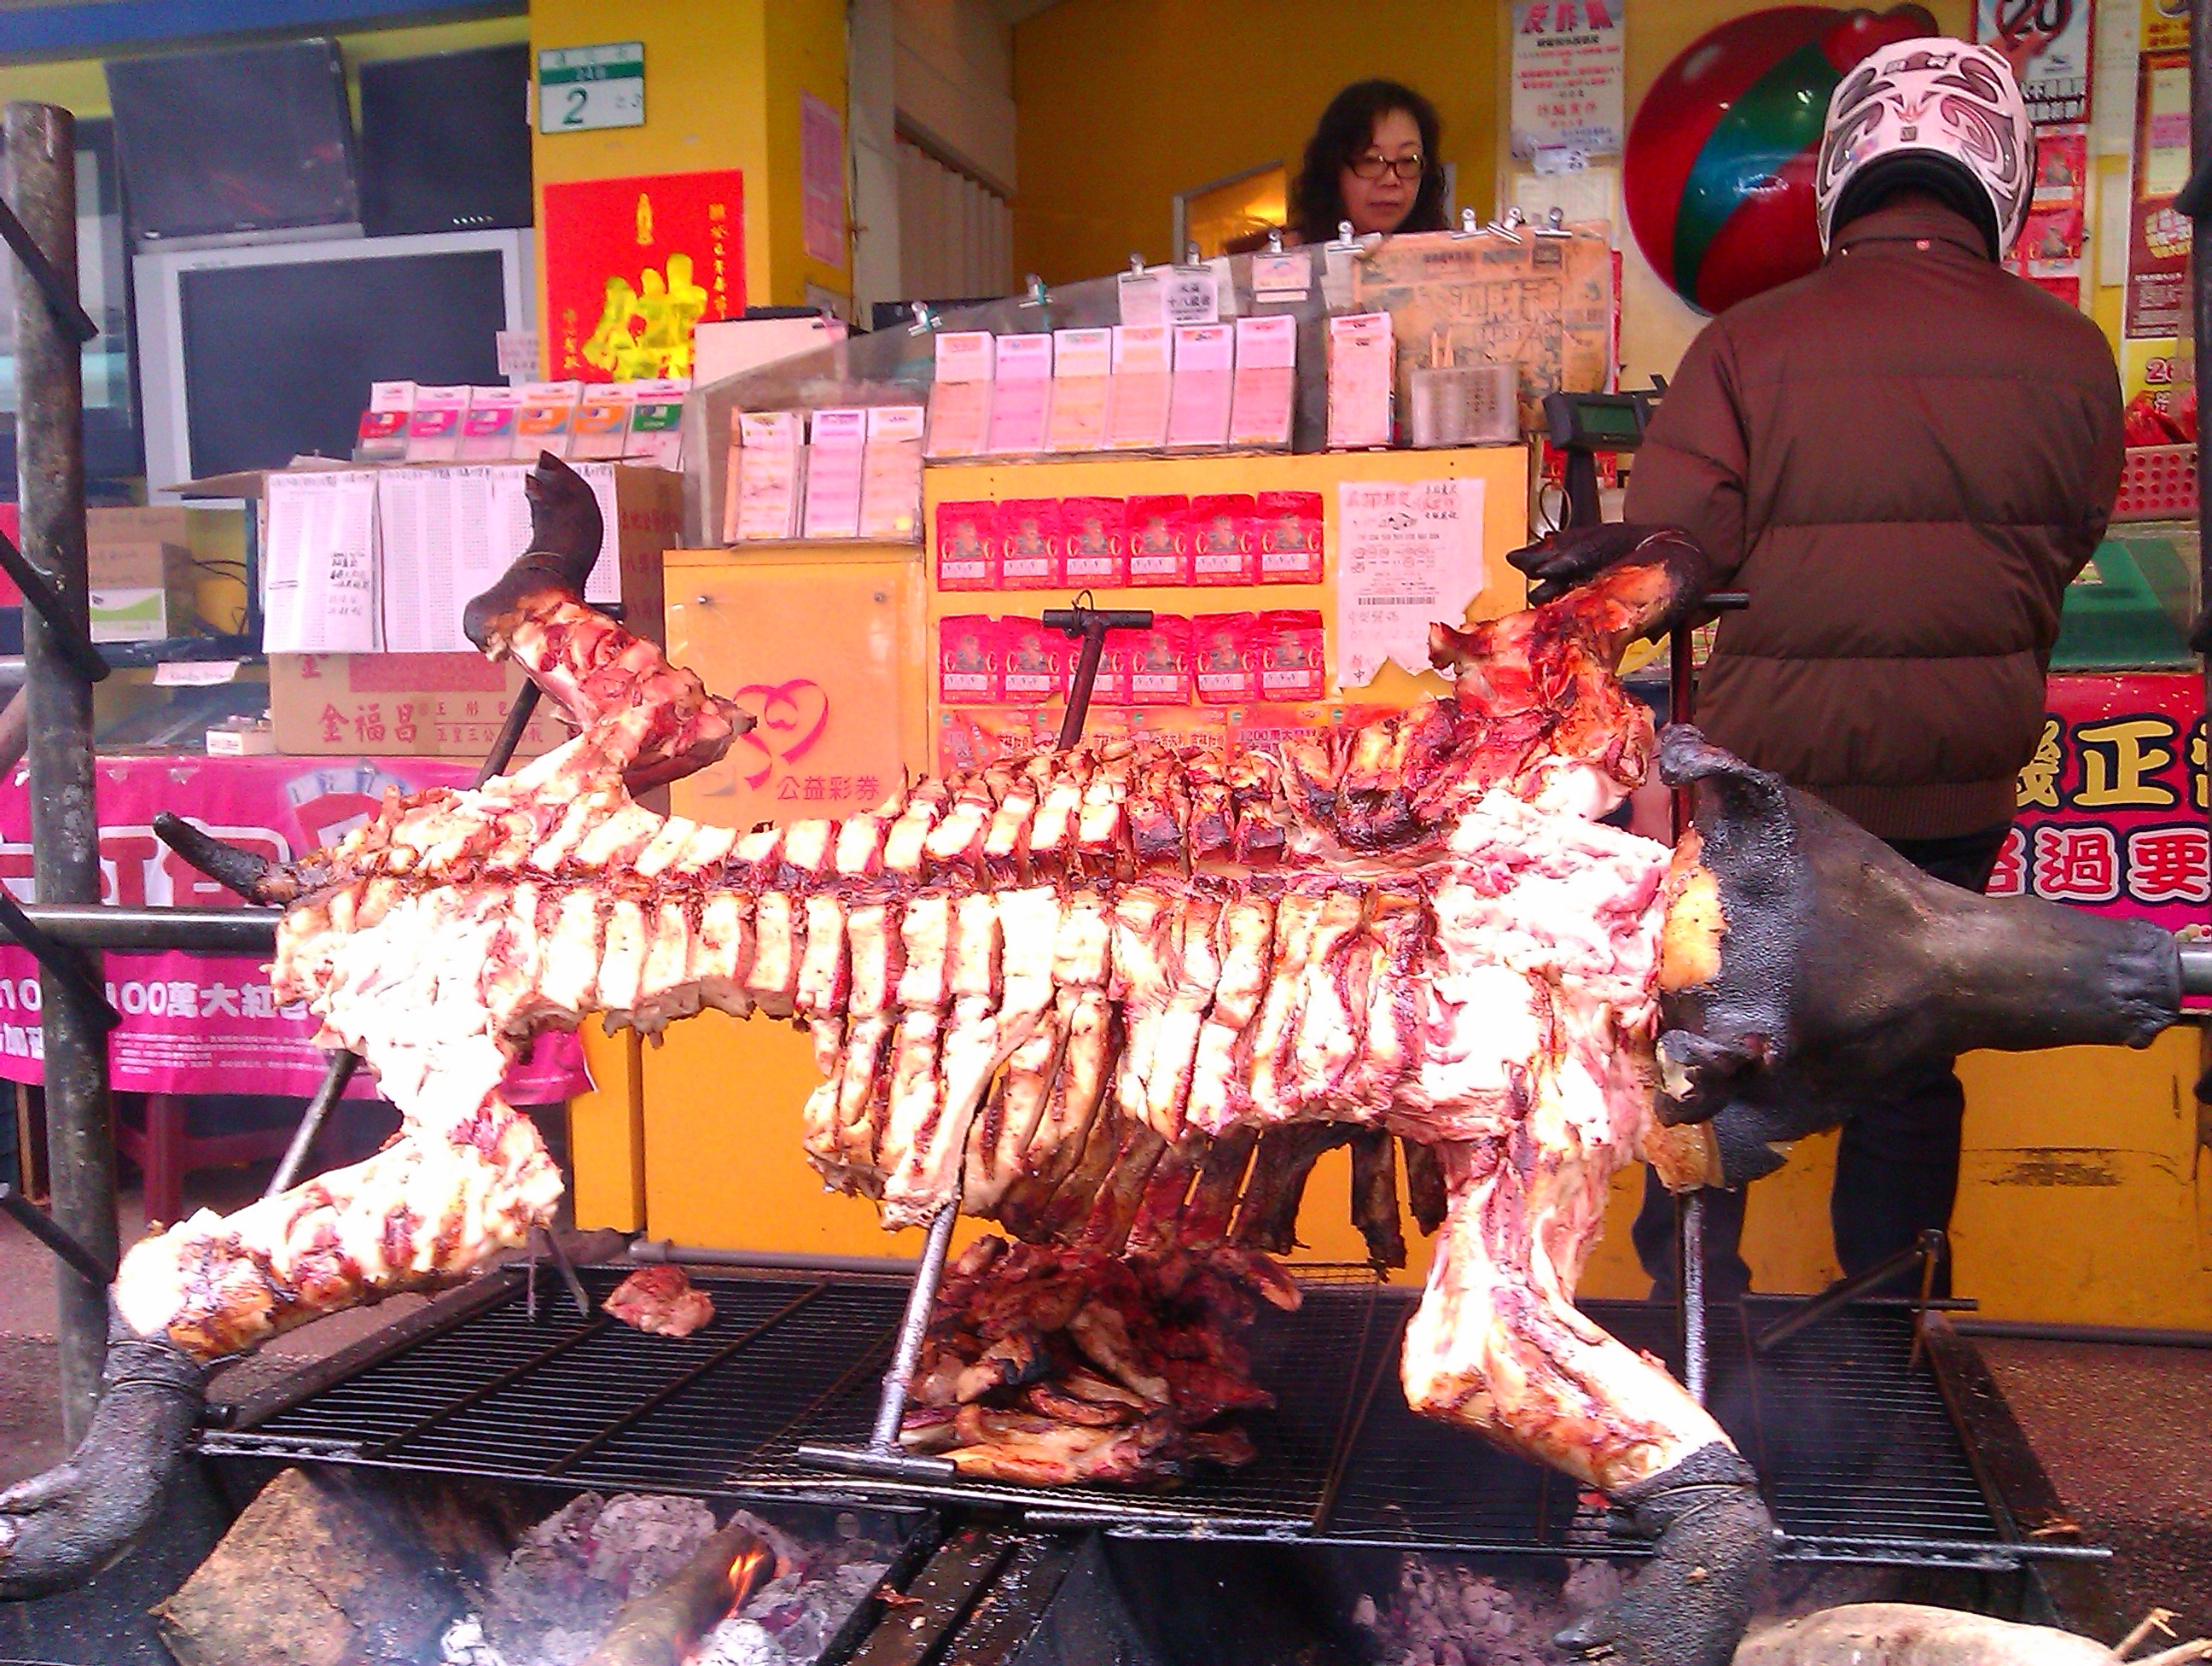 ganzes schwein im supermarkt